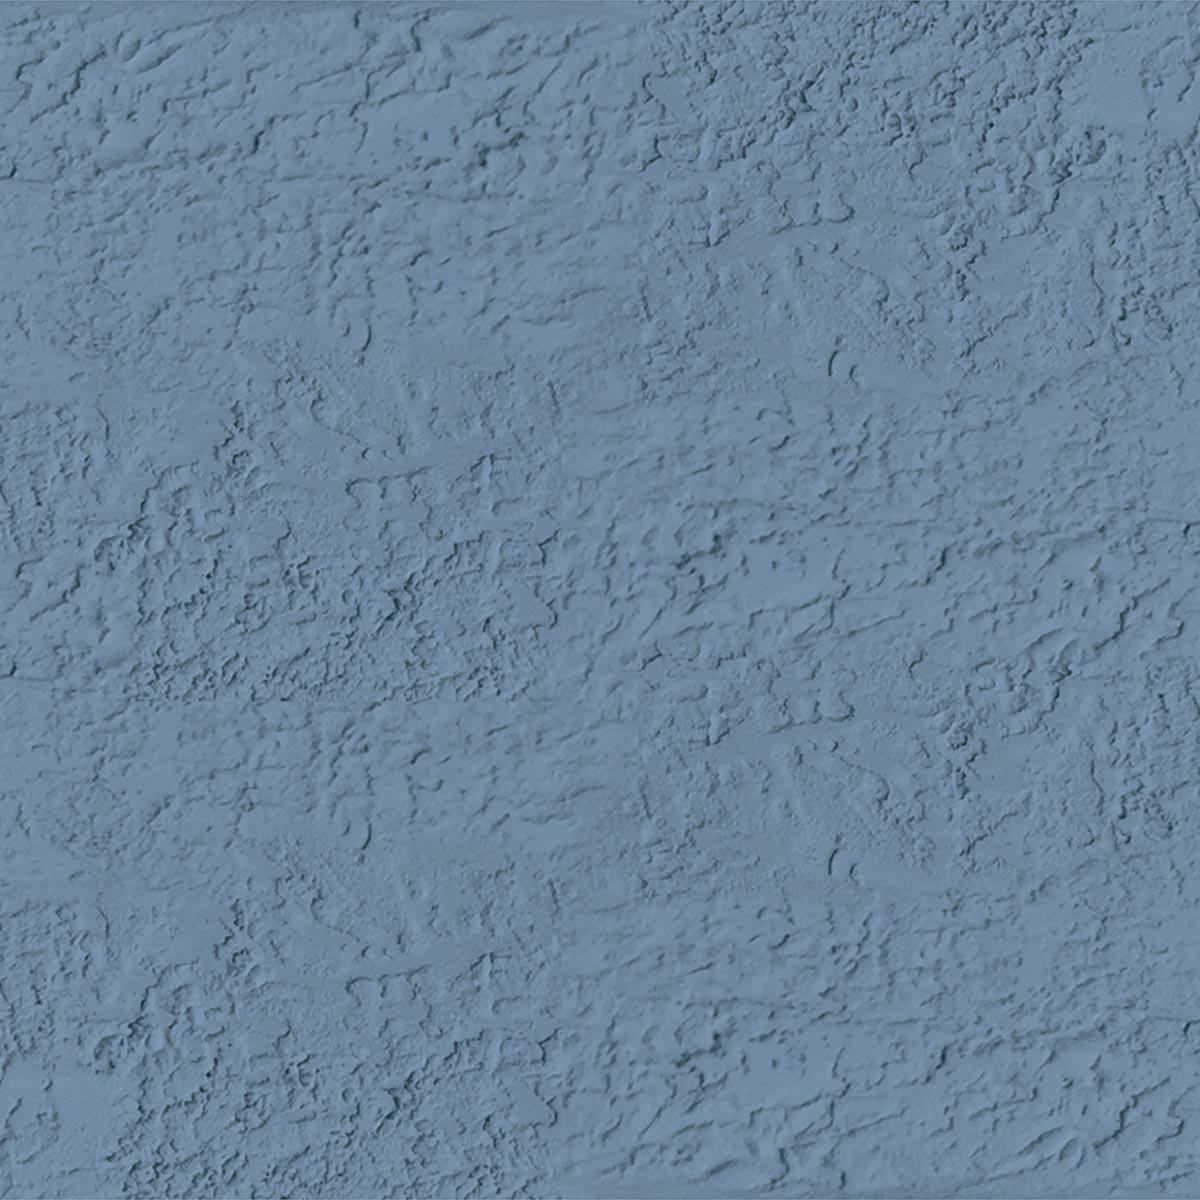 FolkArt ® Coastal™ Texture Paint - Rainstorm, 8 oz.